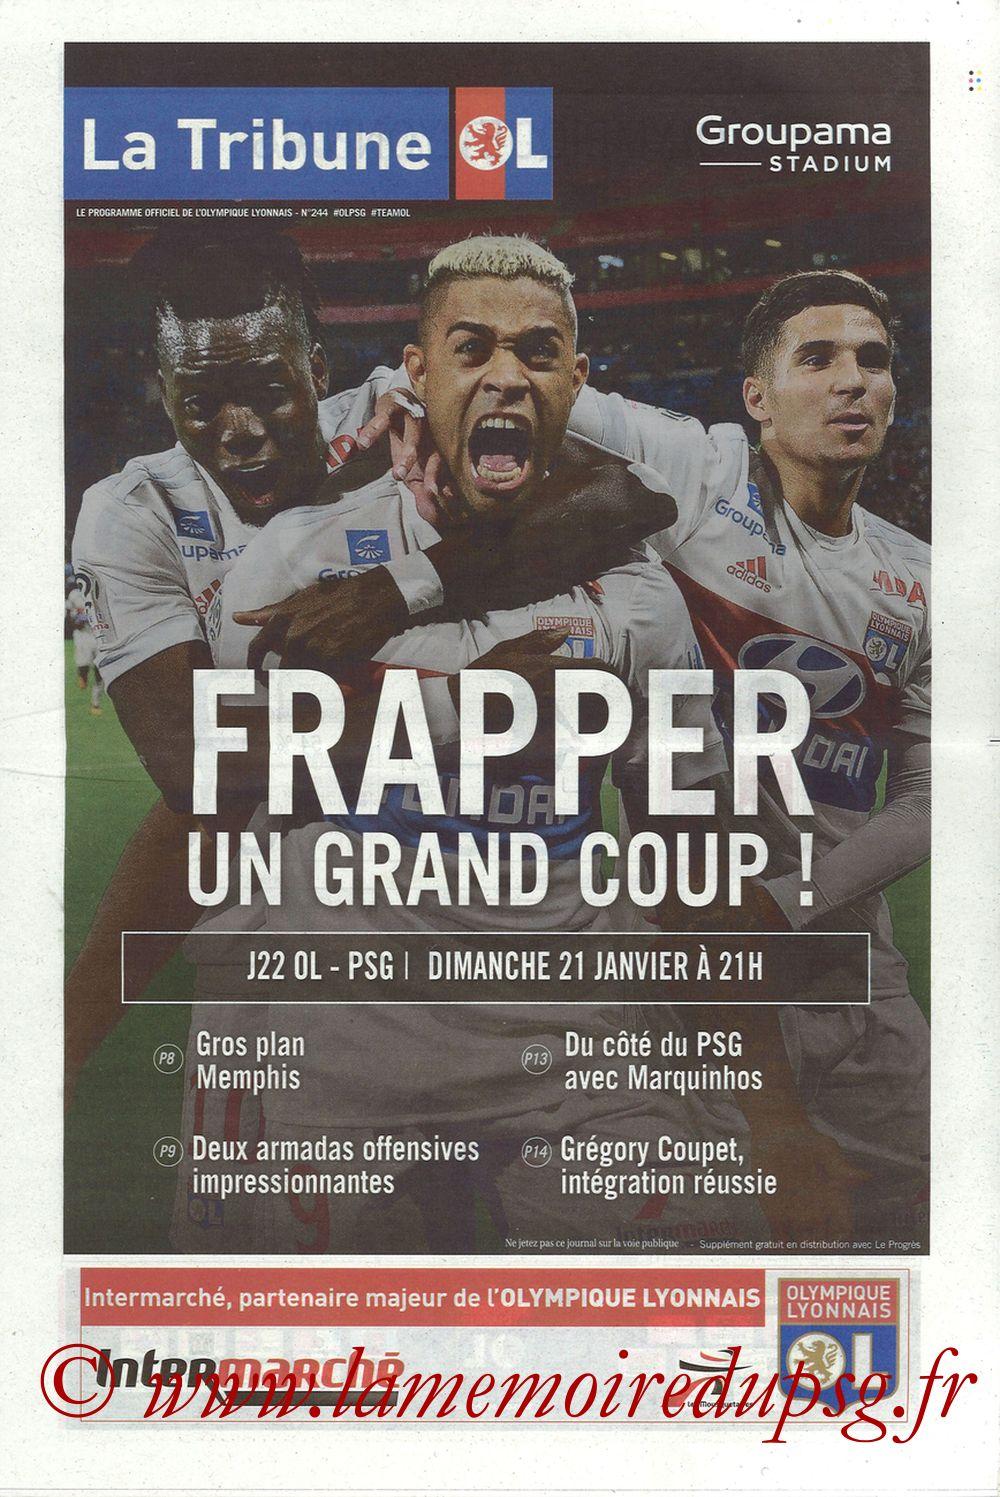 2018-01-21  Lyon-PSG (22ème L1, La Tribune OL N° 244)